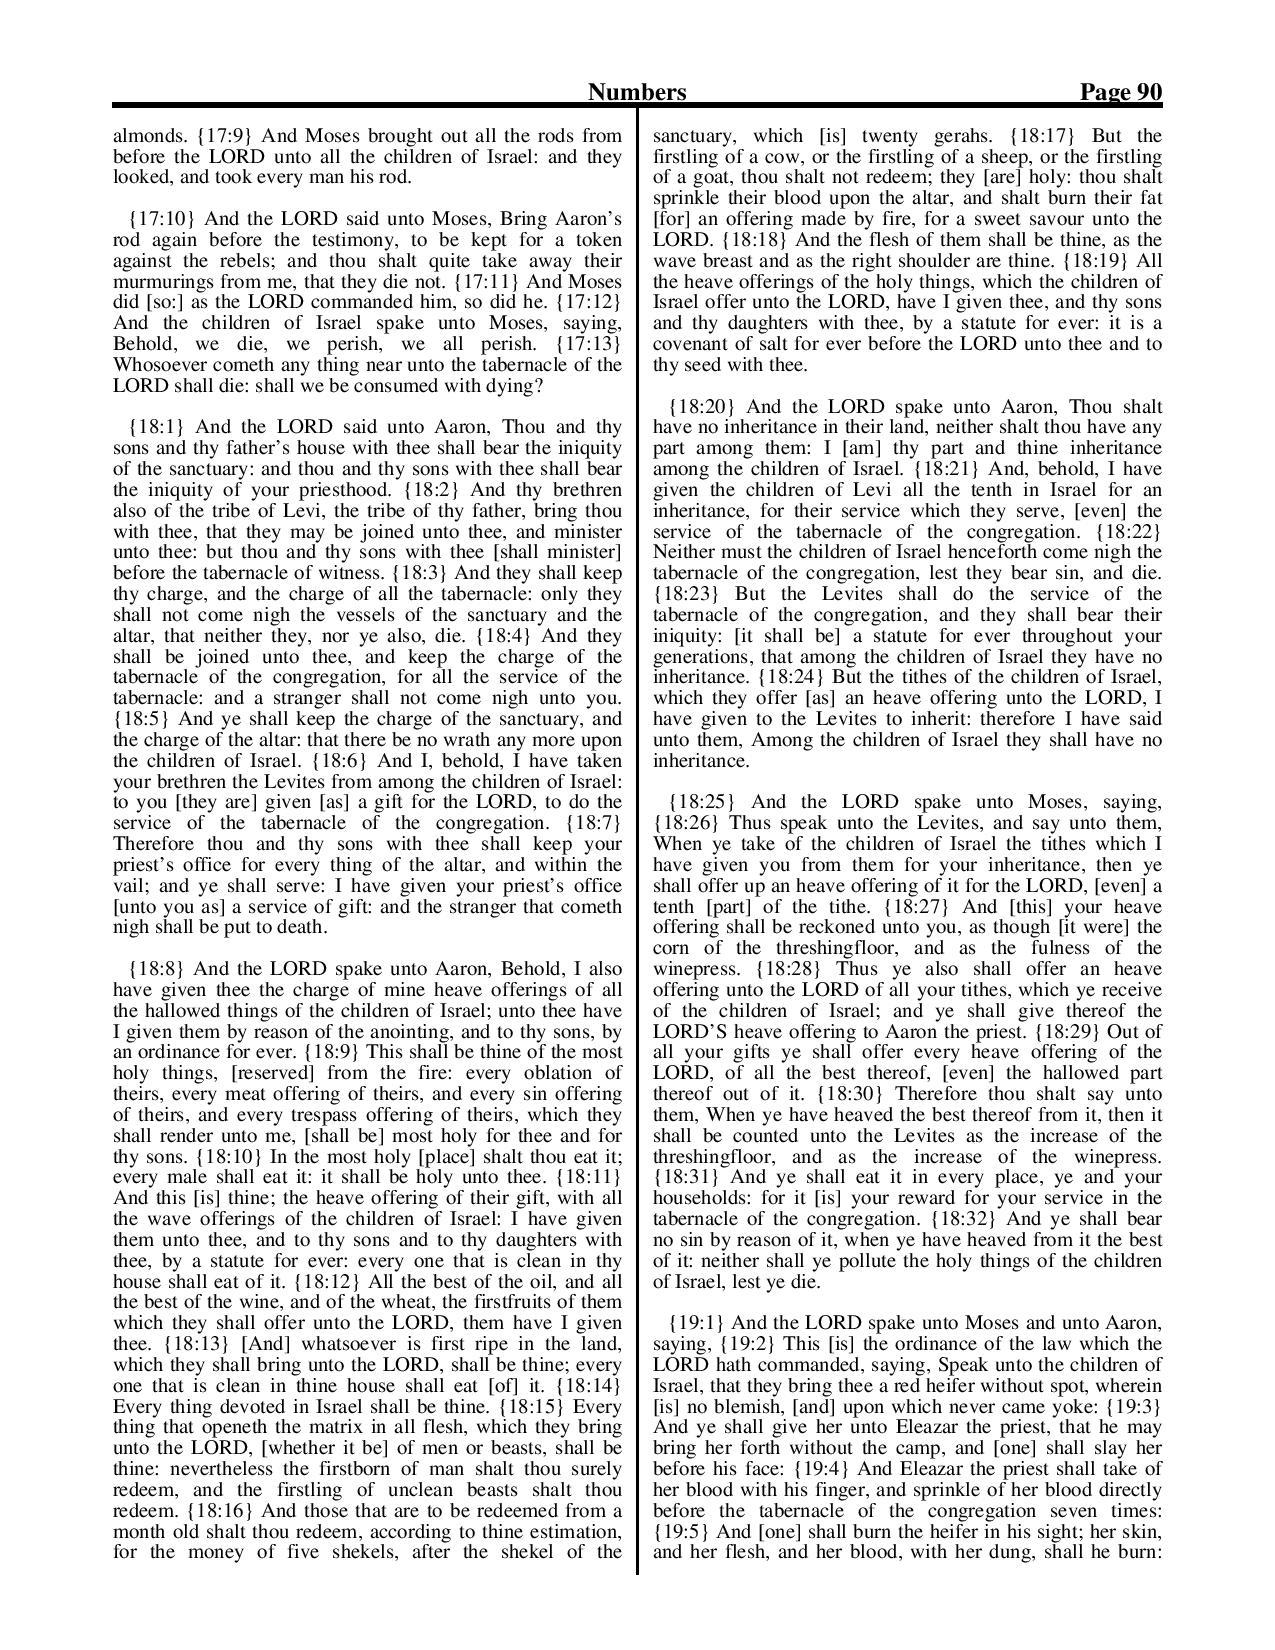 King-James-Bible-KJV-Bible-PDF-page-111